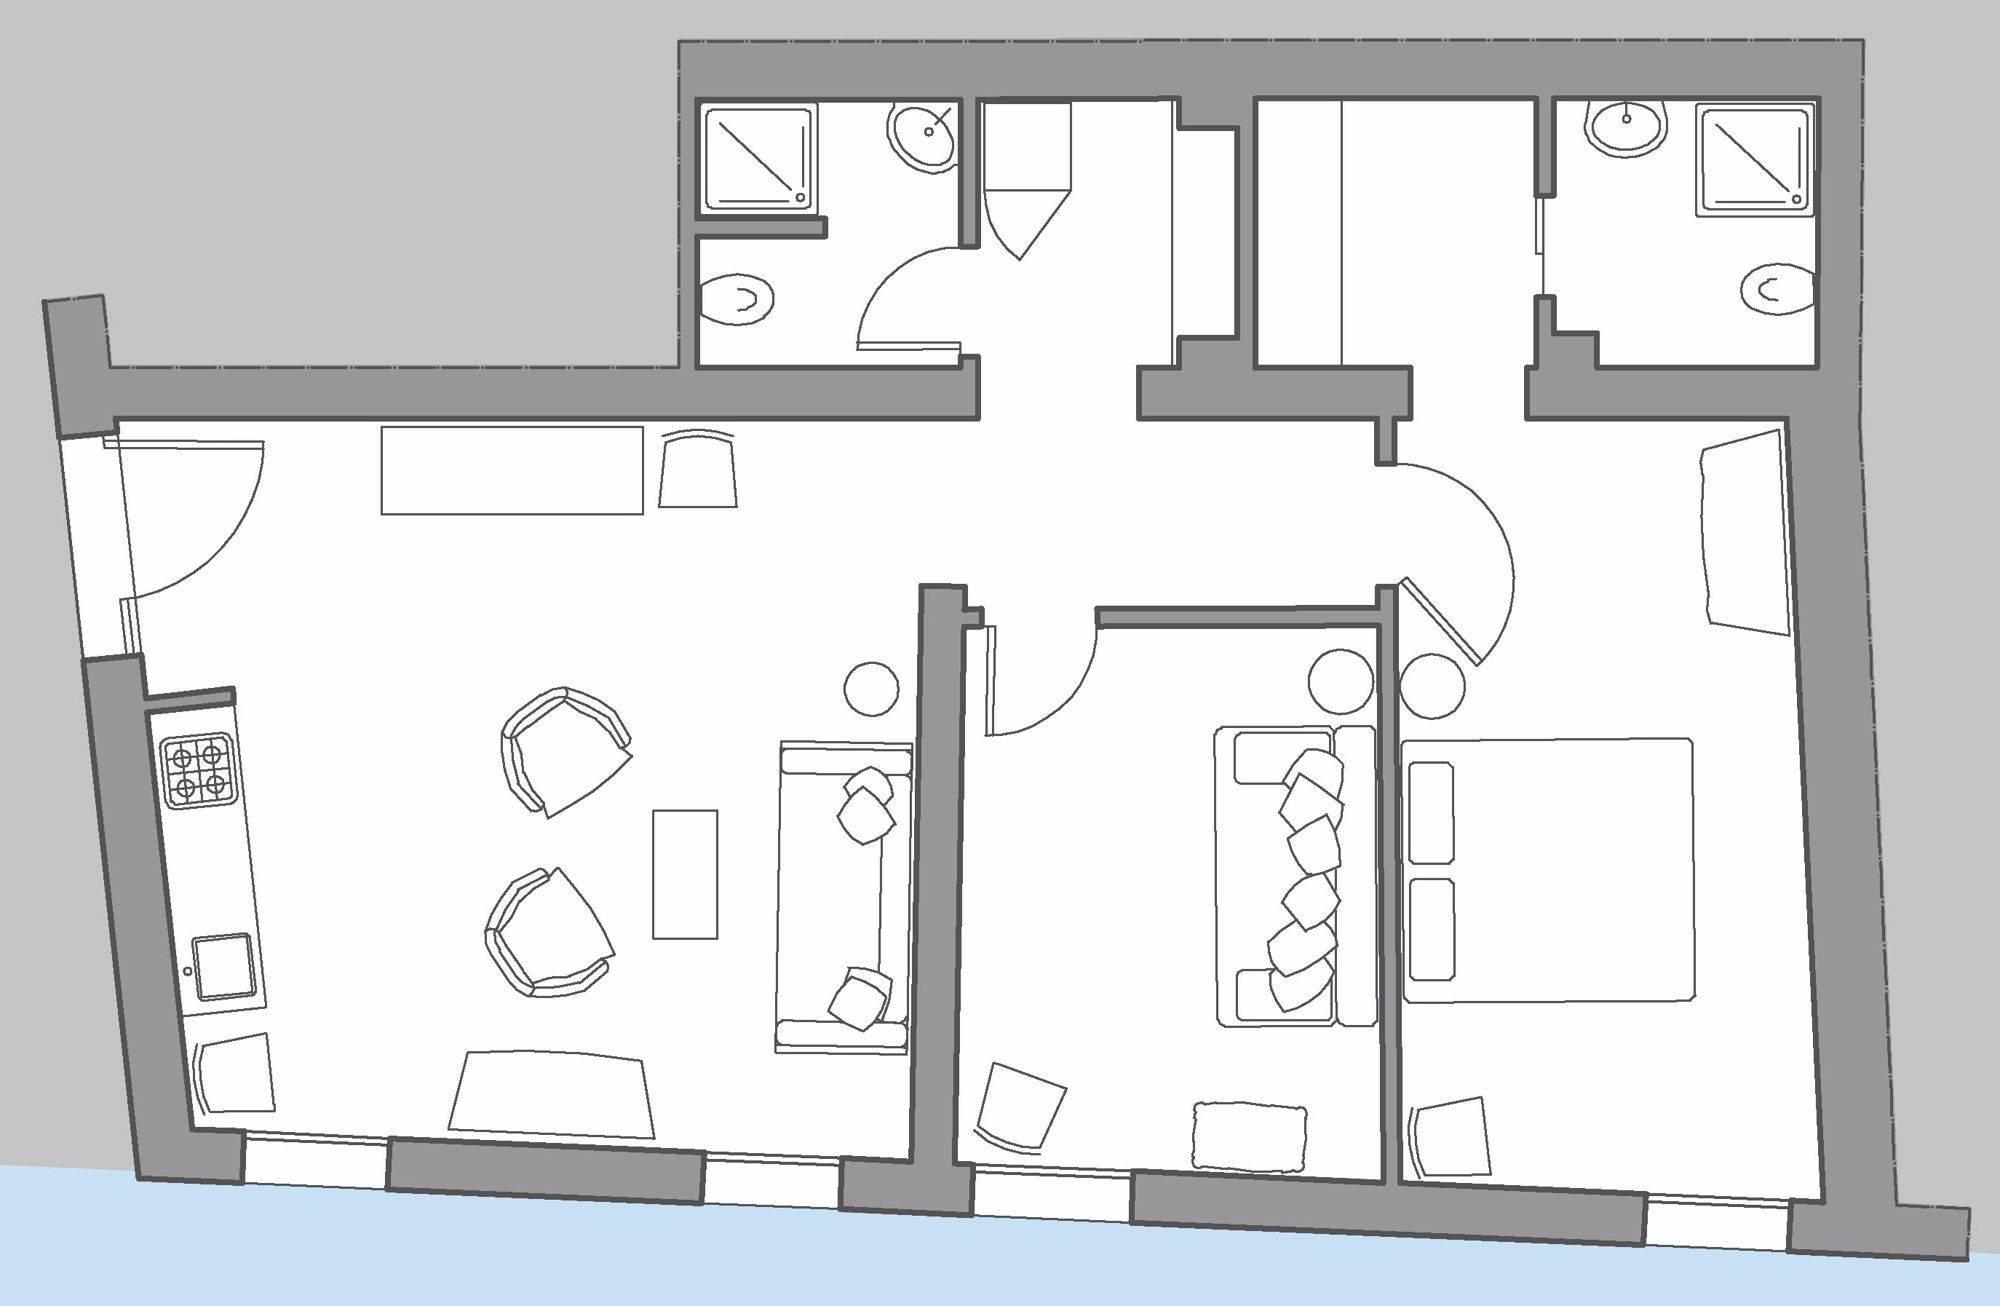 Zattere floor plan